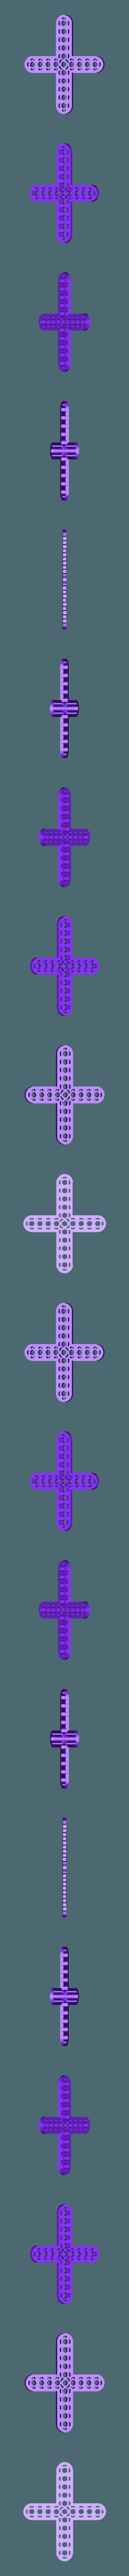 cross_9_11.STL Télécharger fichier STL gratuit MEGA Expansion 200+ Pièces • Plan à imprimer en 3D, Pwentey